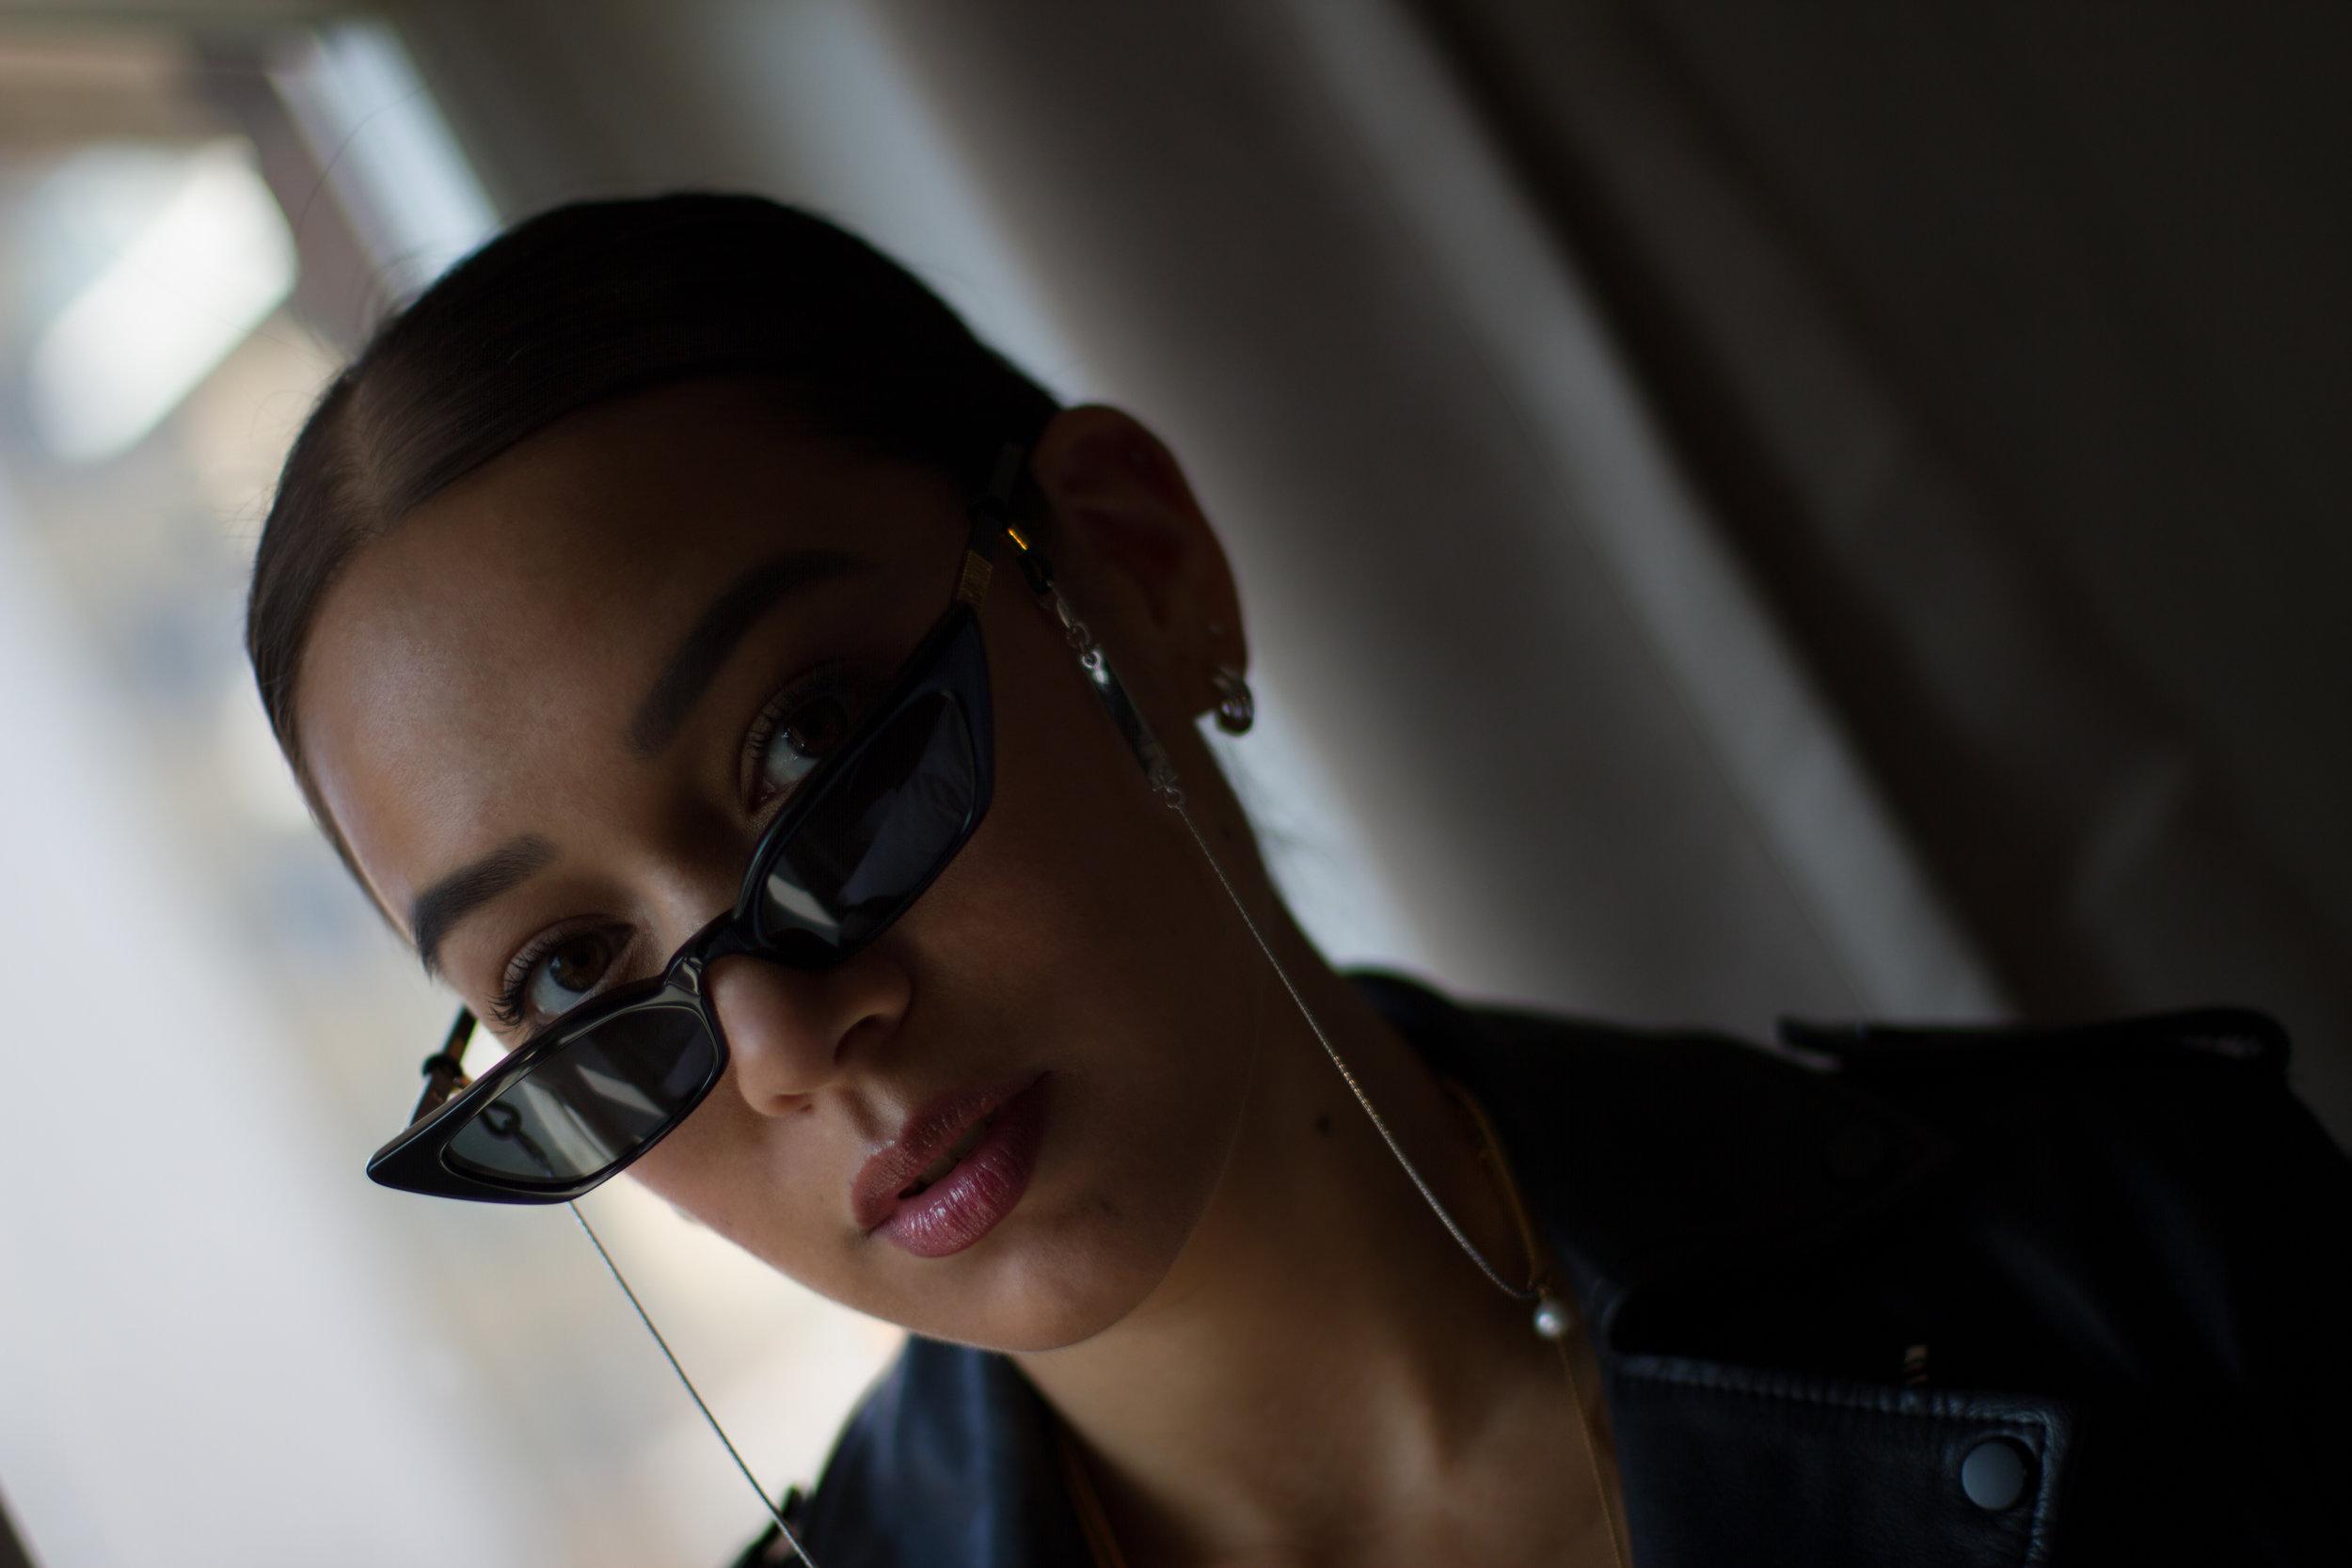 framechain-bynoelle-sunglasses-poppy-lissiman